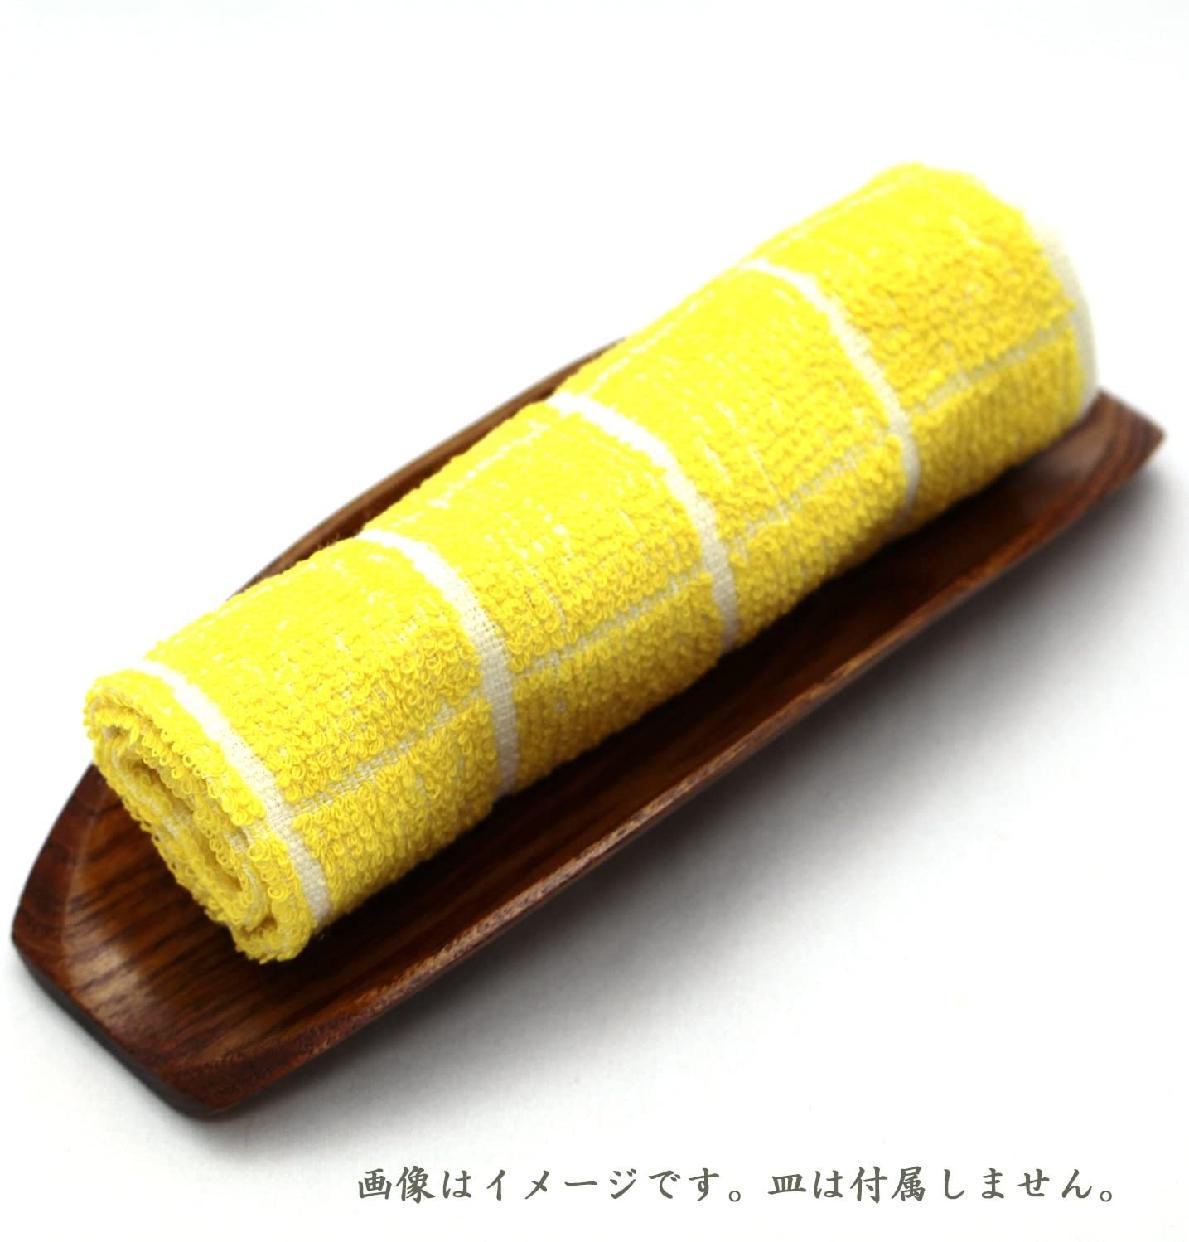 中村(ナカムラ)おしぼり 格子柄タオル イエローの商品画像7